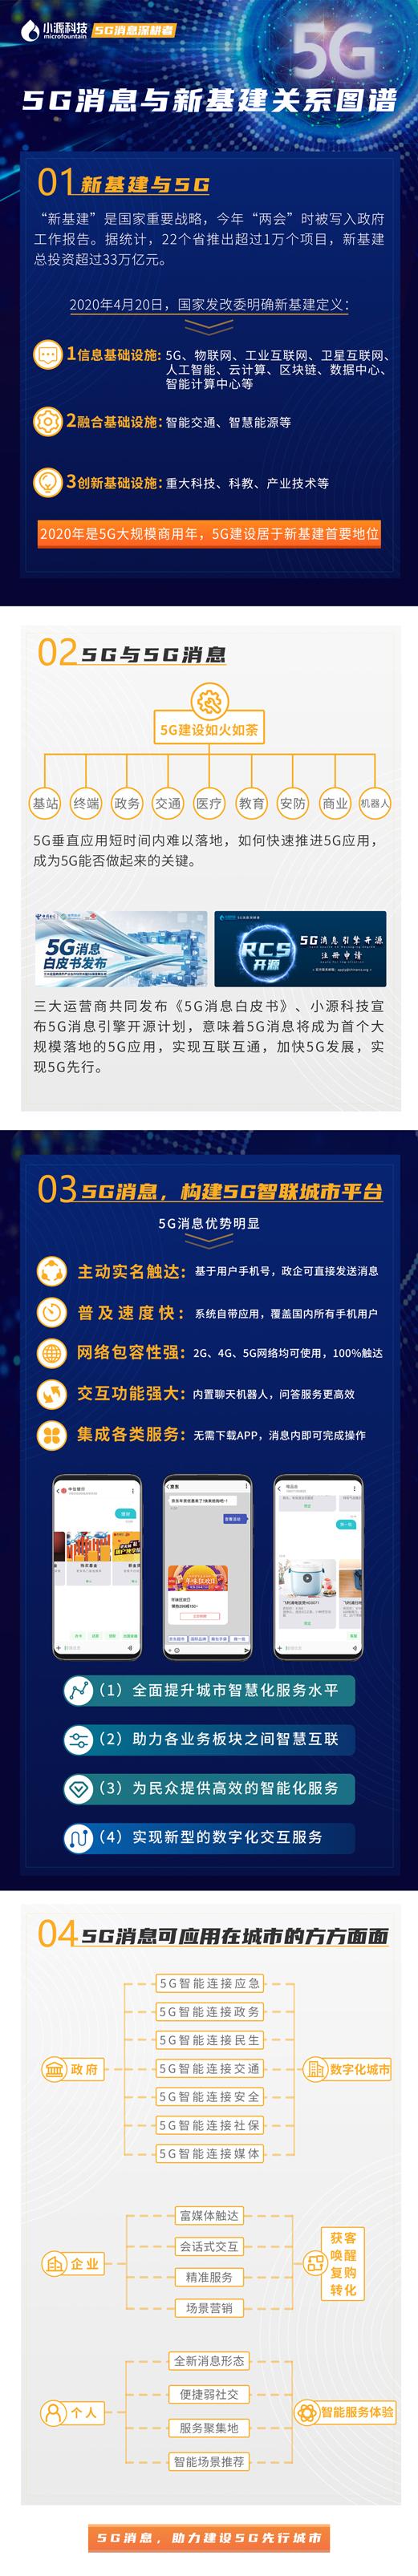 珠海独角兽小源科技,上榜新基建产业独角兽TOP100